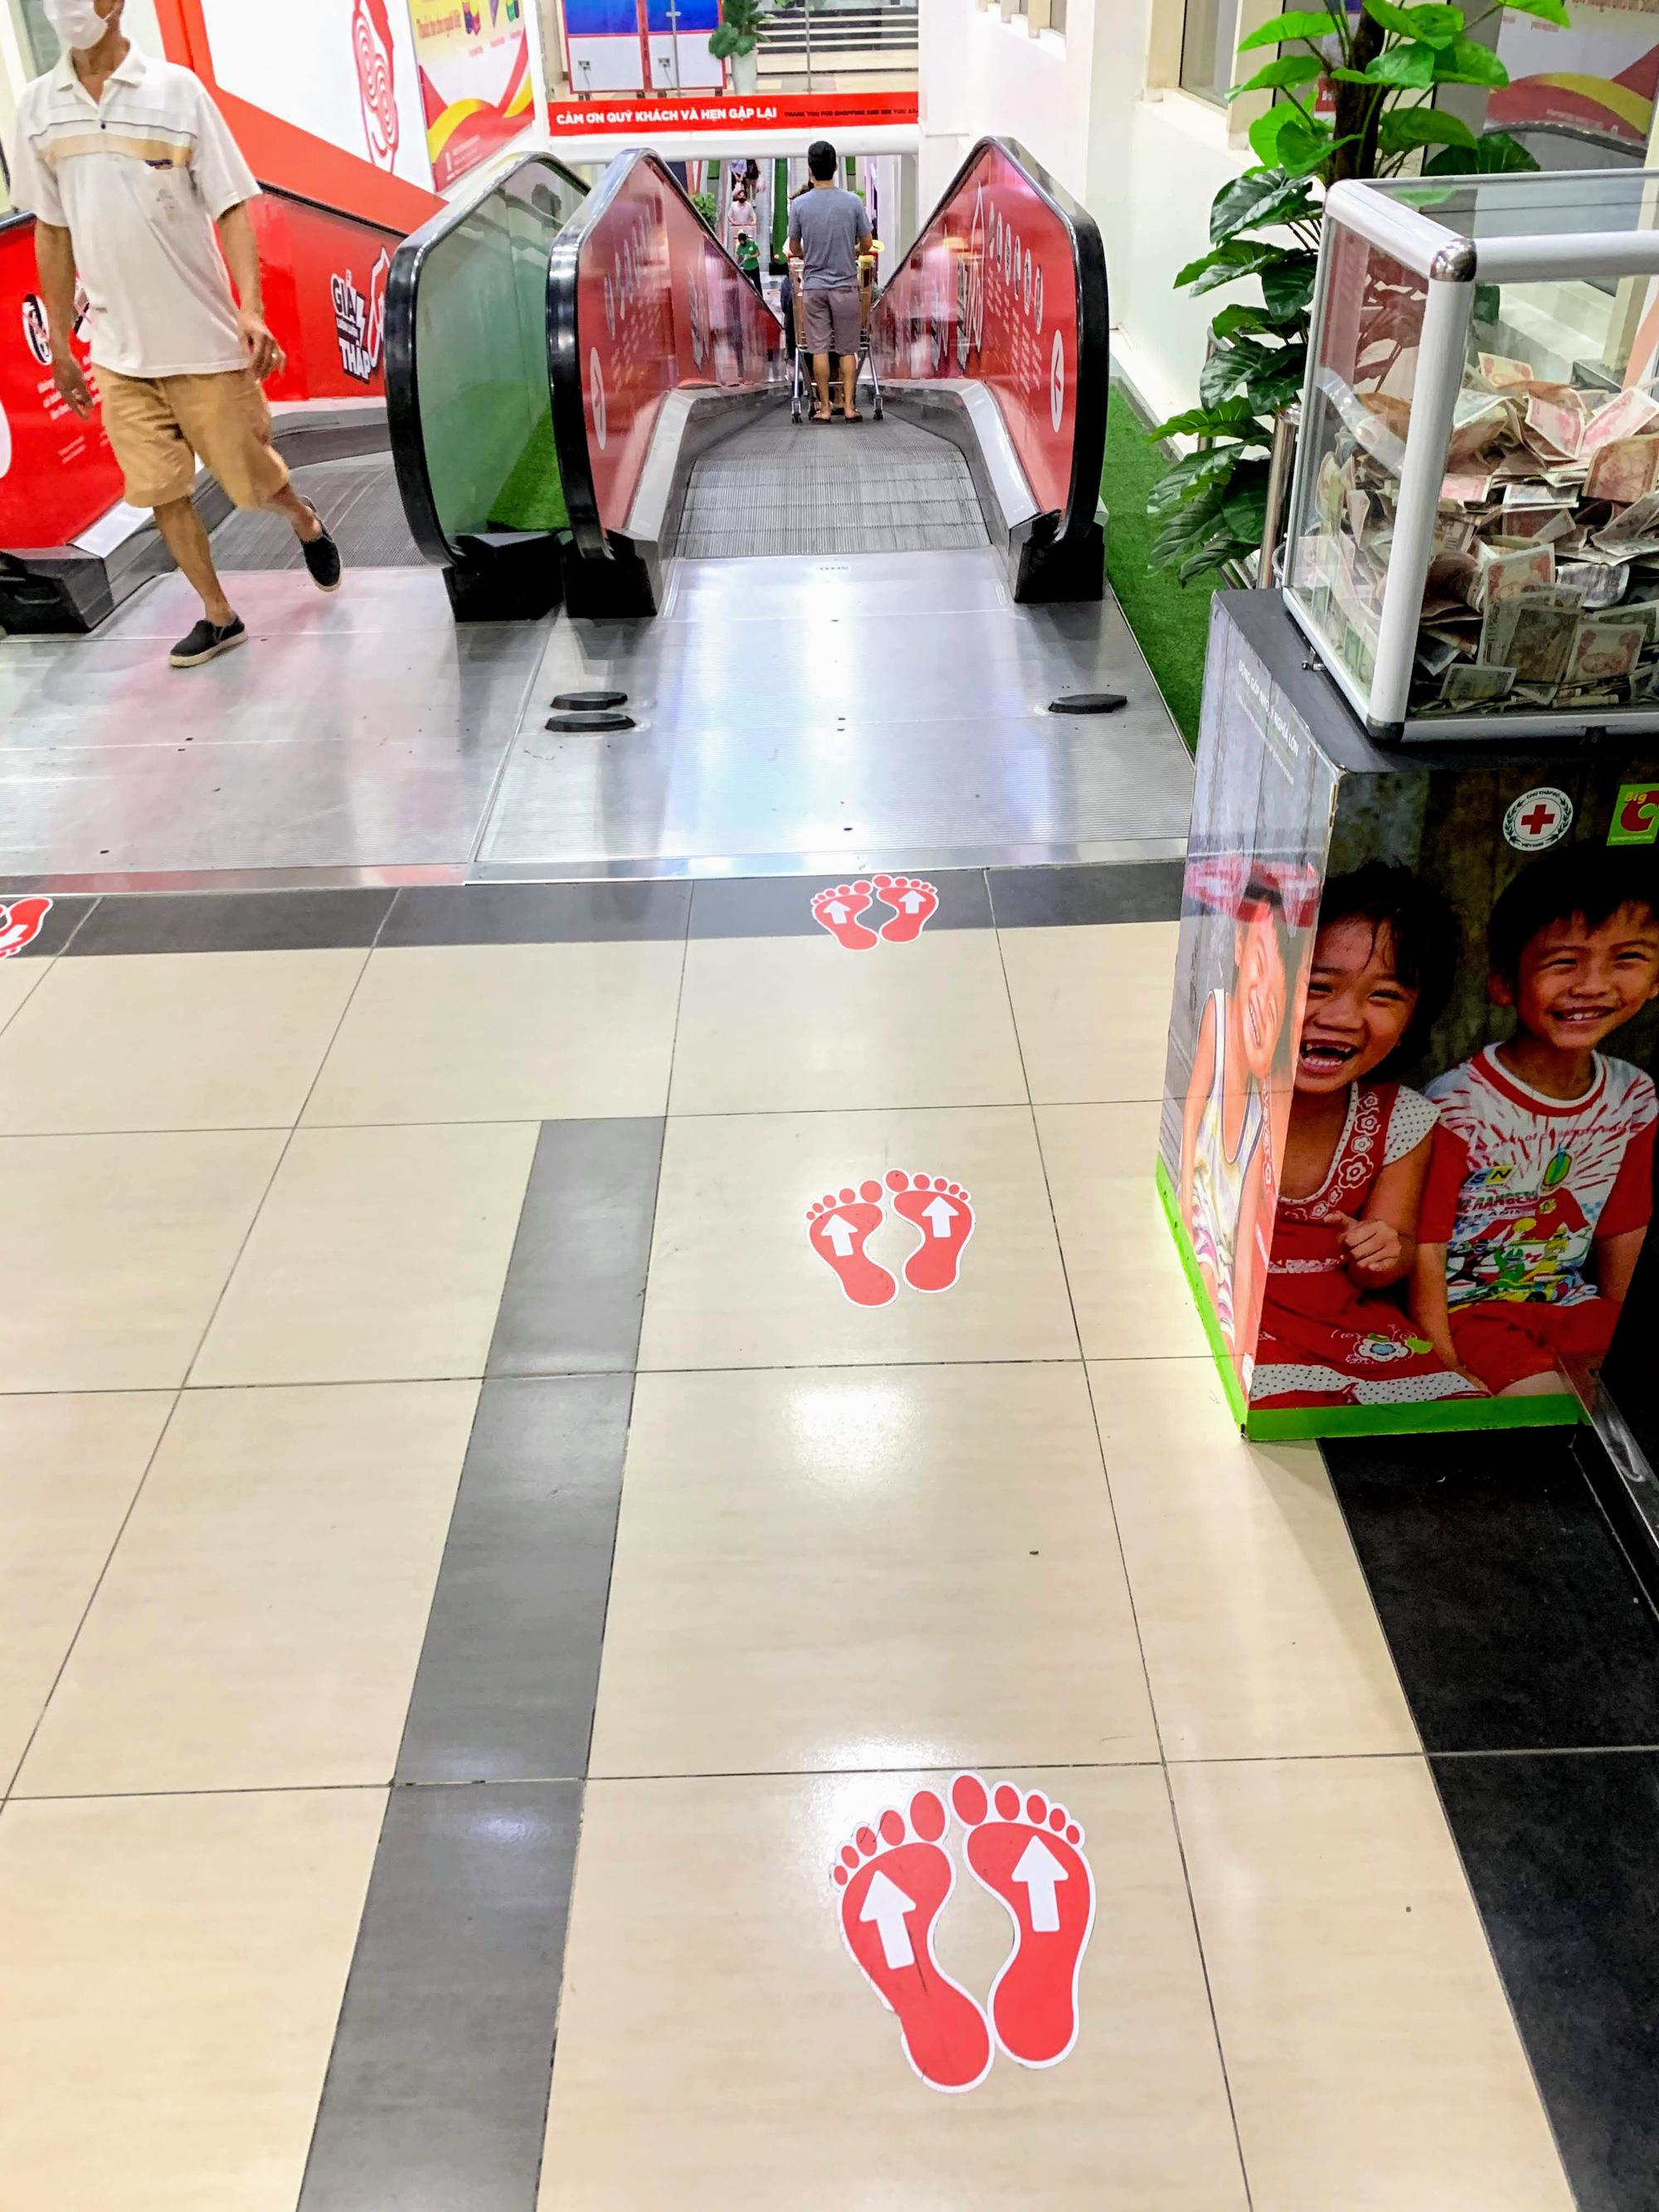 Cận cảnh ngày đầu chống dịch ở Hà Nội: Các cơ sở dịch vụ đóng cửa, siêu thị tiếp tục hoạt động, hàng hoá đầy ăm ắp vắng người mua - Ảnh 17.